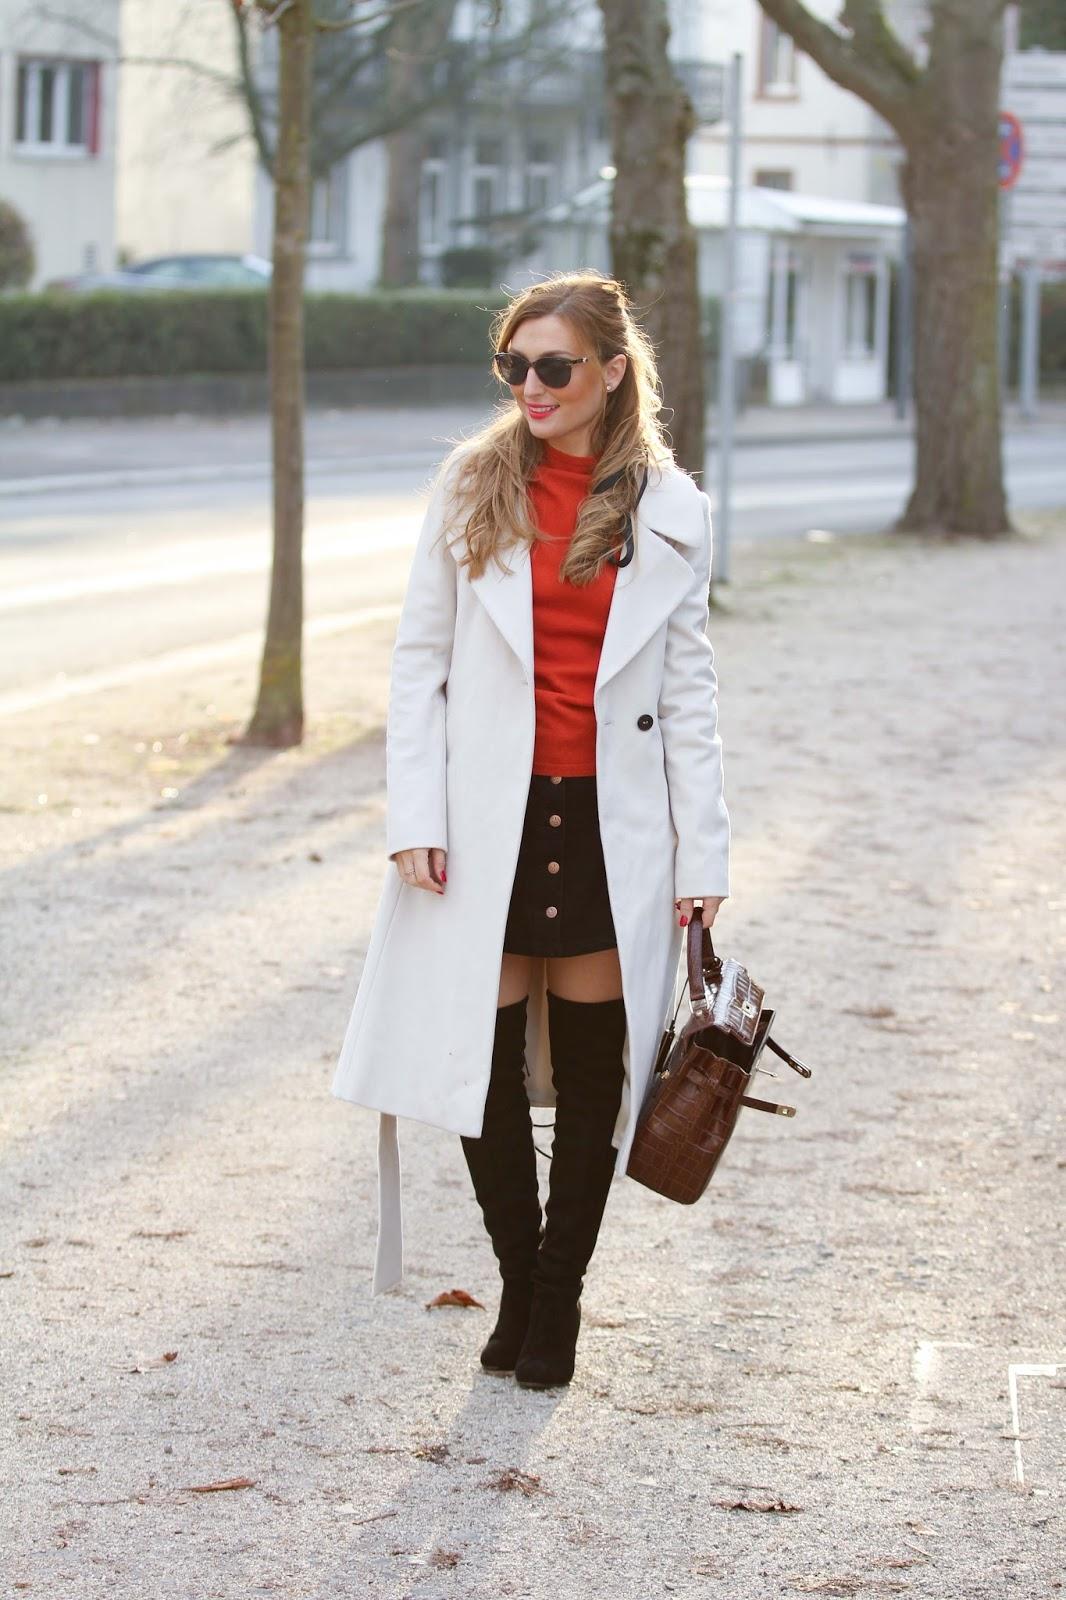 Schwarzer-Rock-Fashionblogger-Blogger-Aus-Deutschland-Fashionstylebyjohanna-MinkPink-Streetstyleblogger-Stiefel-Schwarze-Stiefel